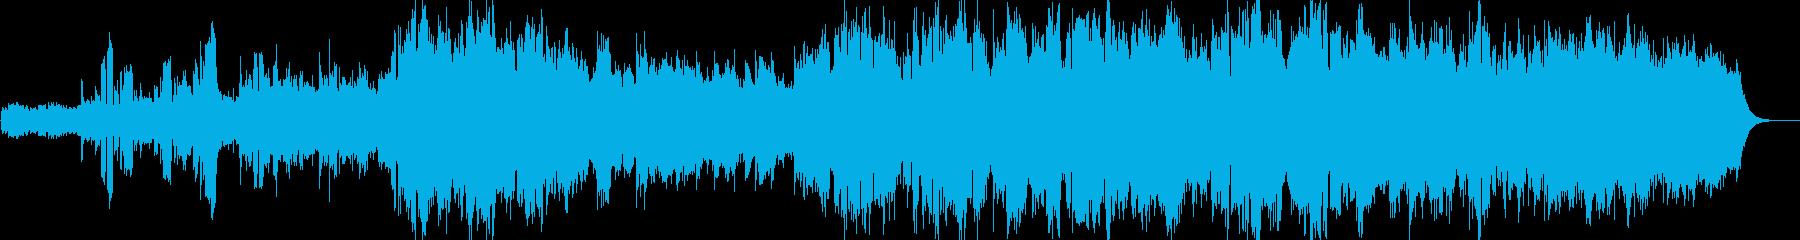 スペーシーな混声バラードの再生済みの波形